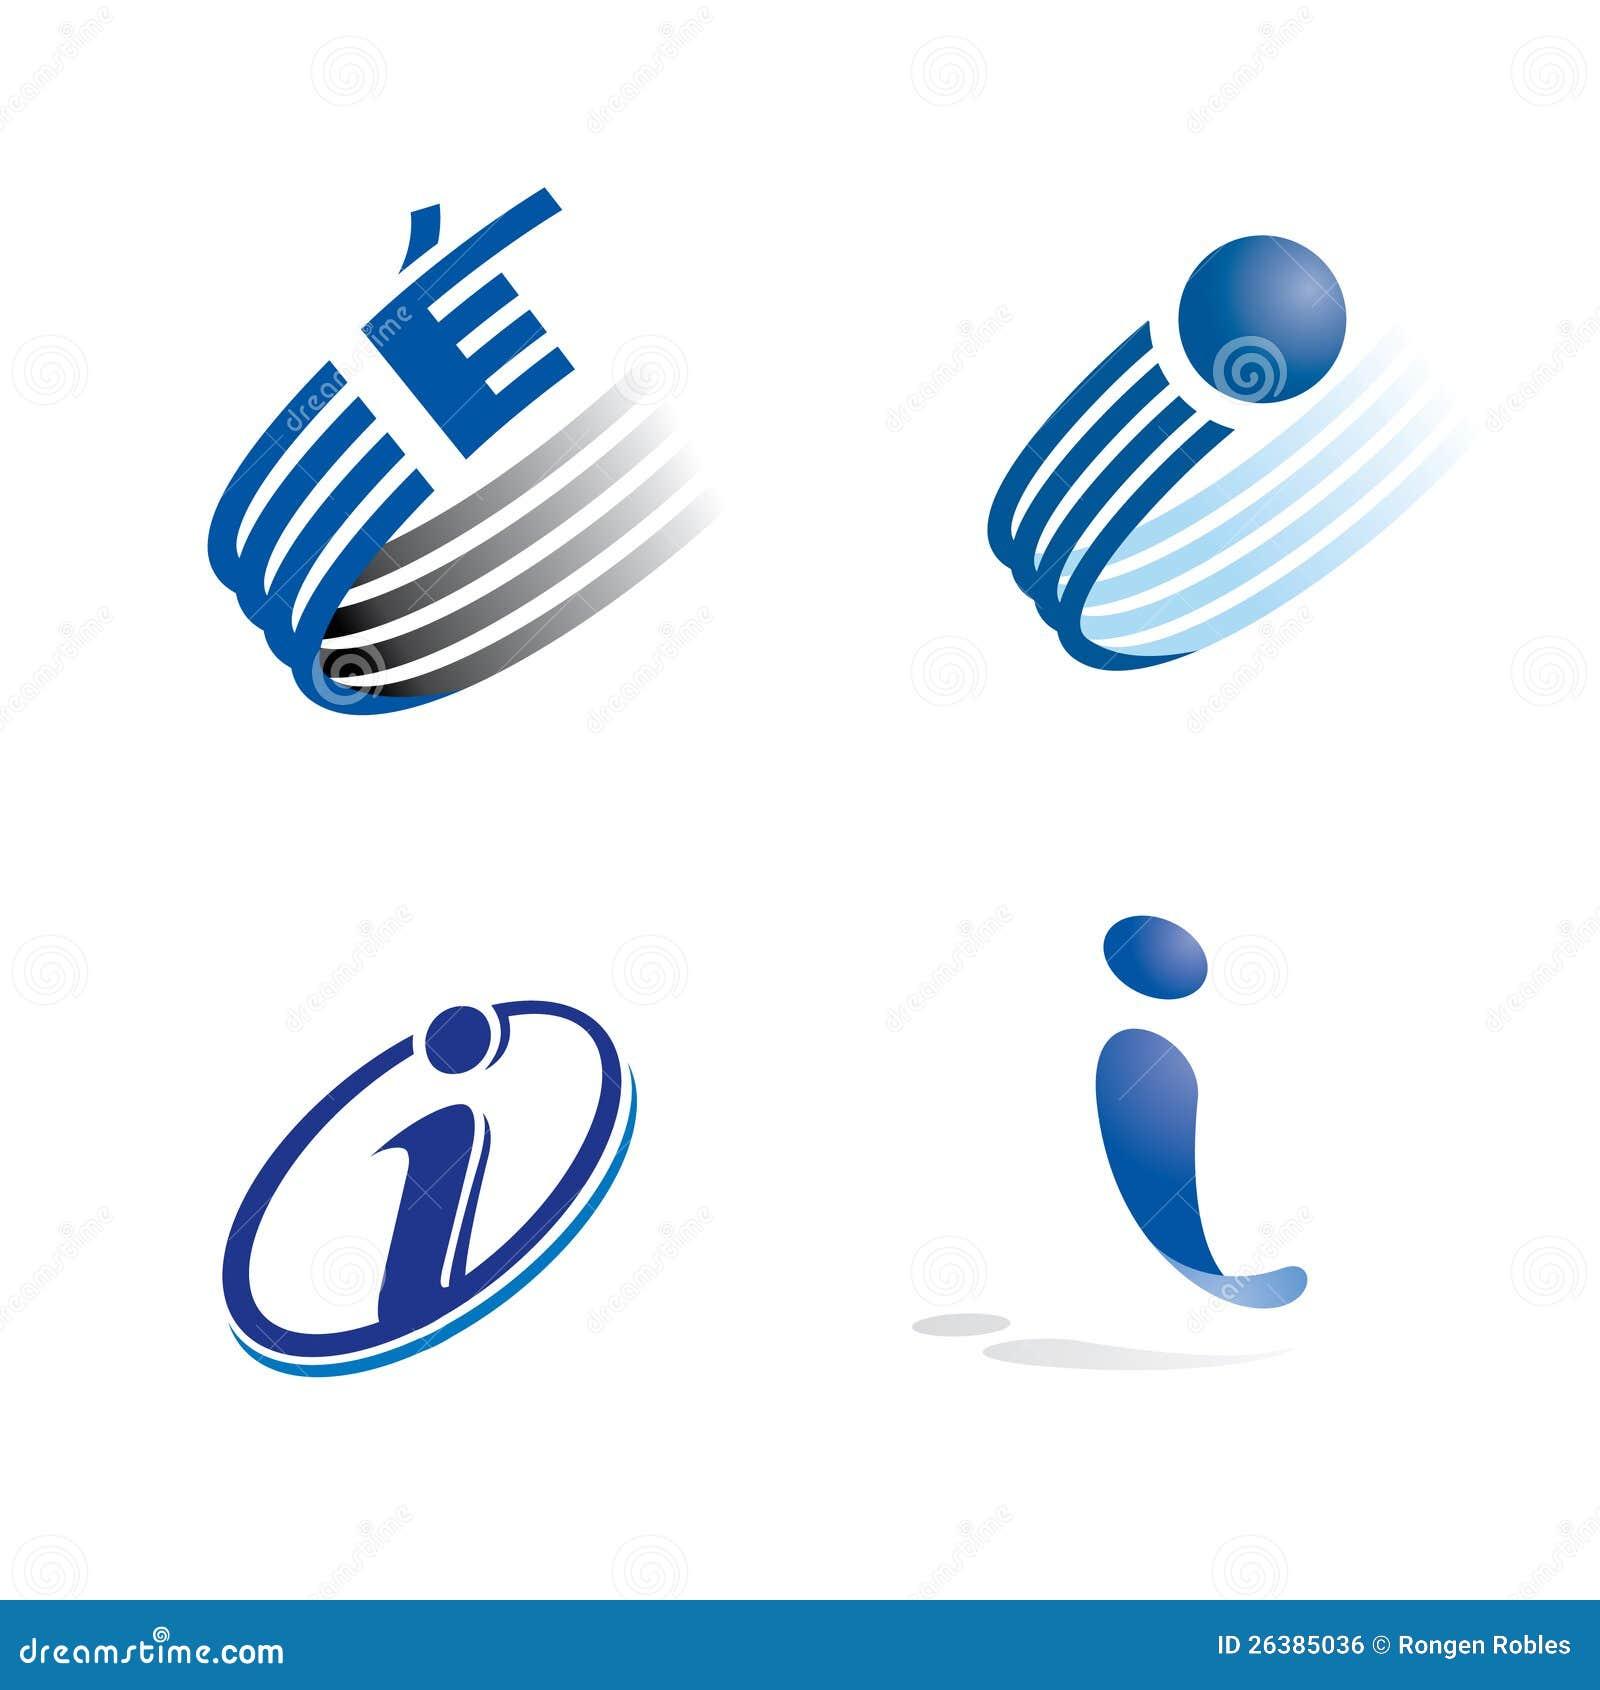 I logo stock illustration. Illustration of lines, logos ...